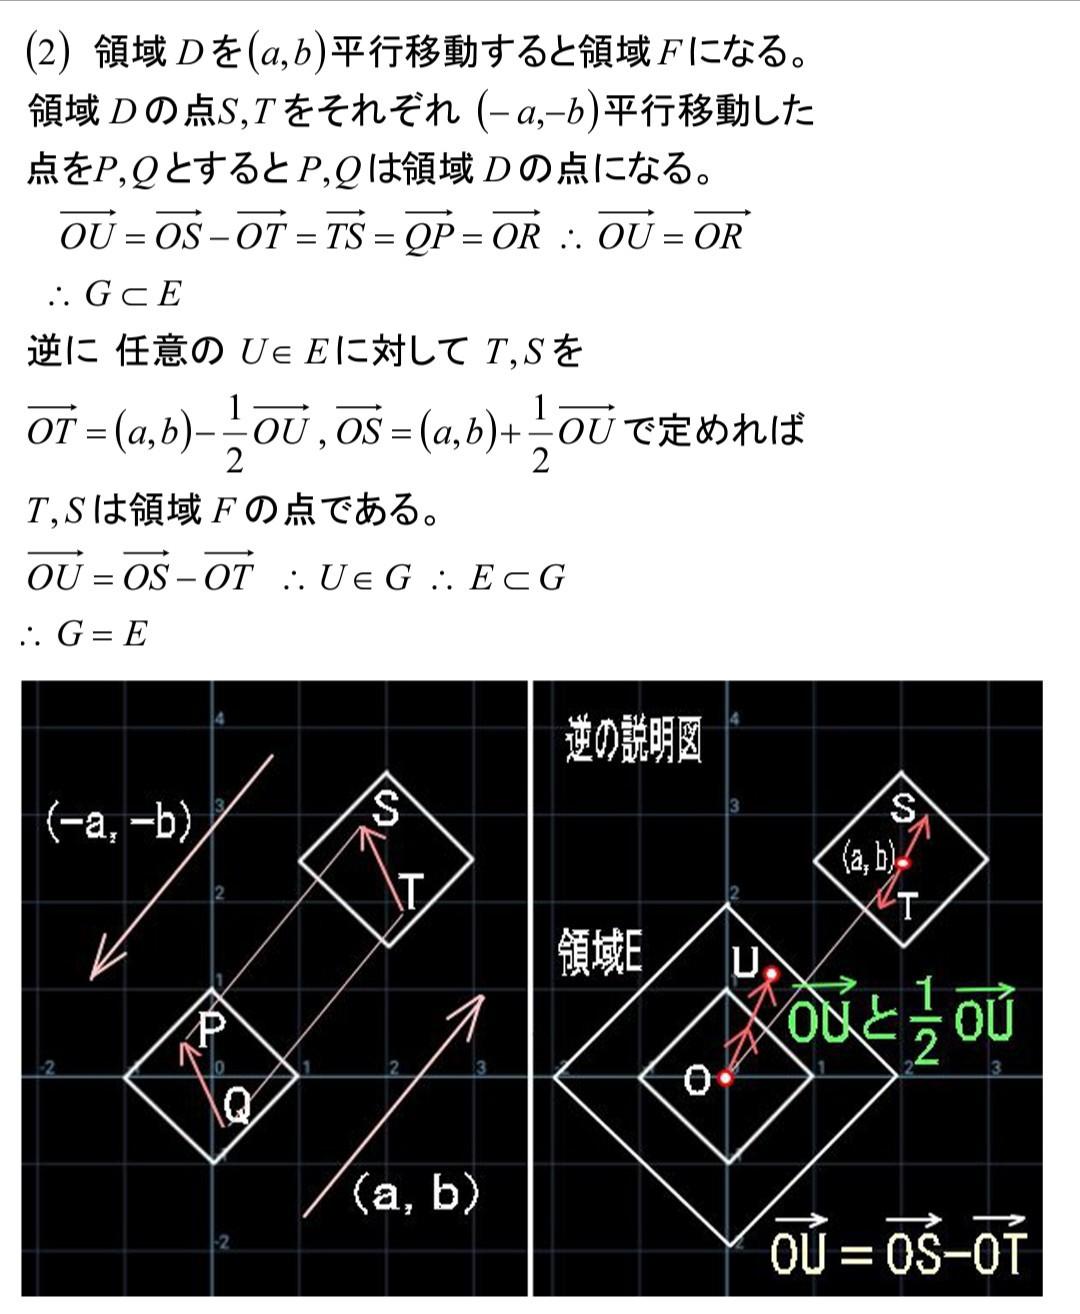 b0368745_07320188.jpg